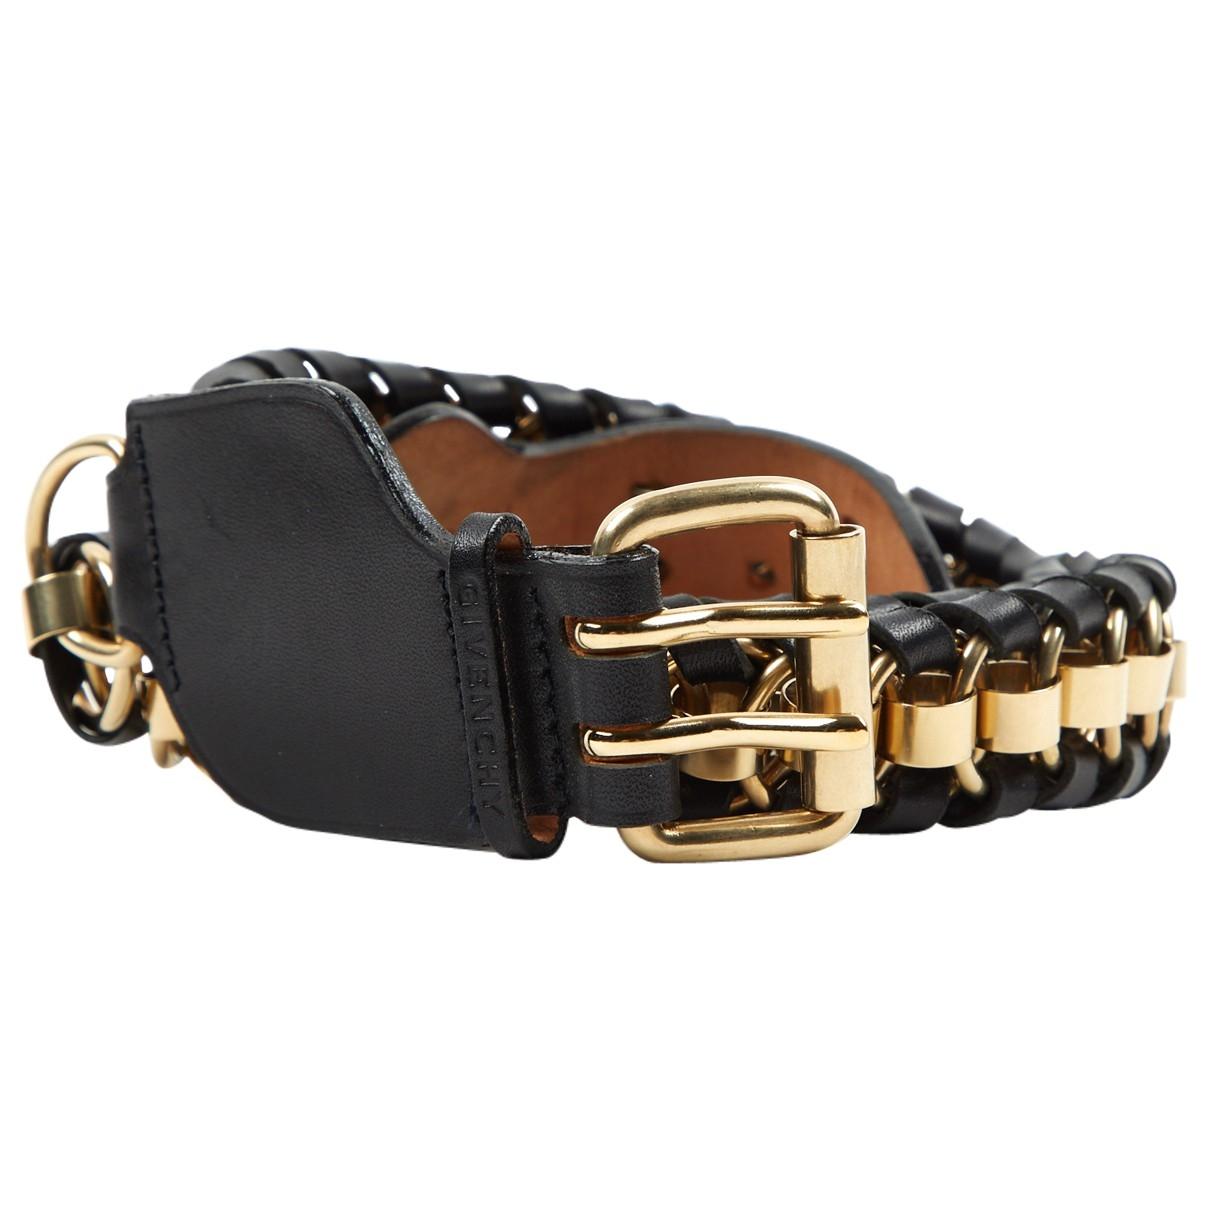 Cinturon Givenchy